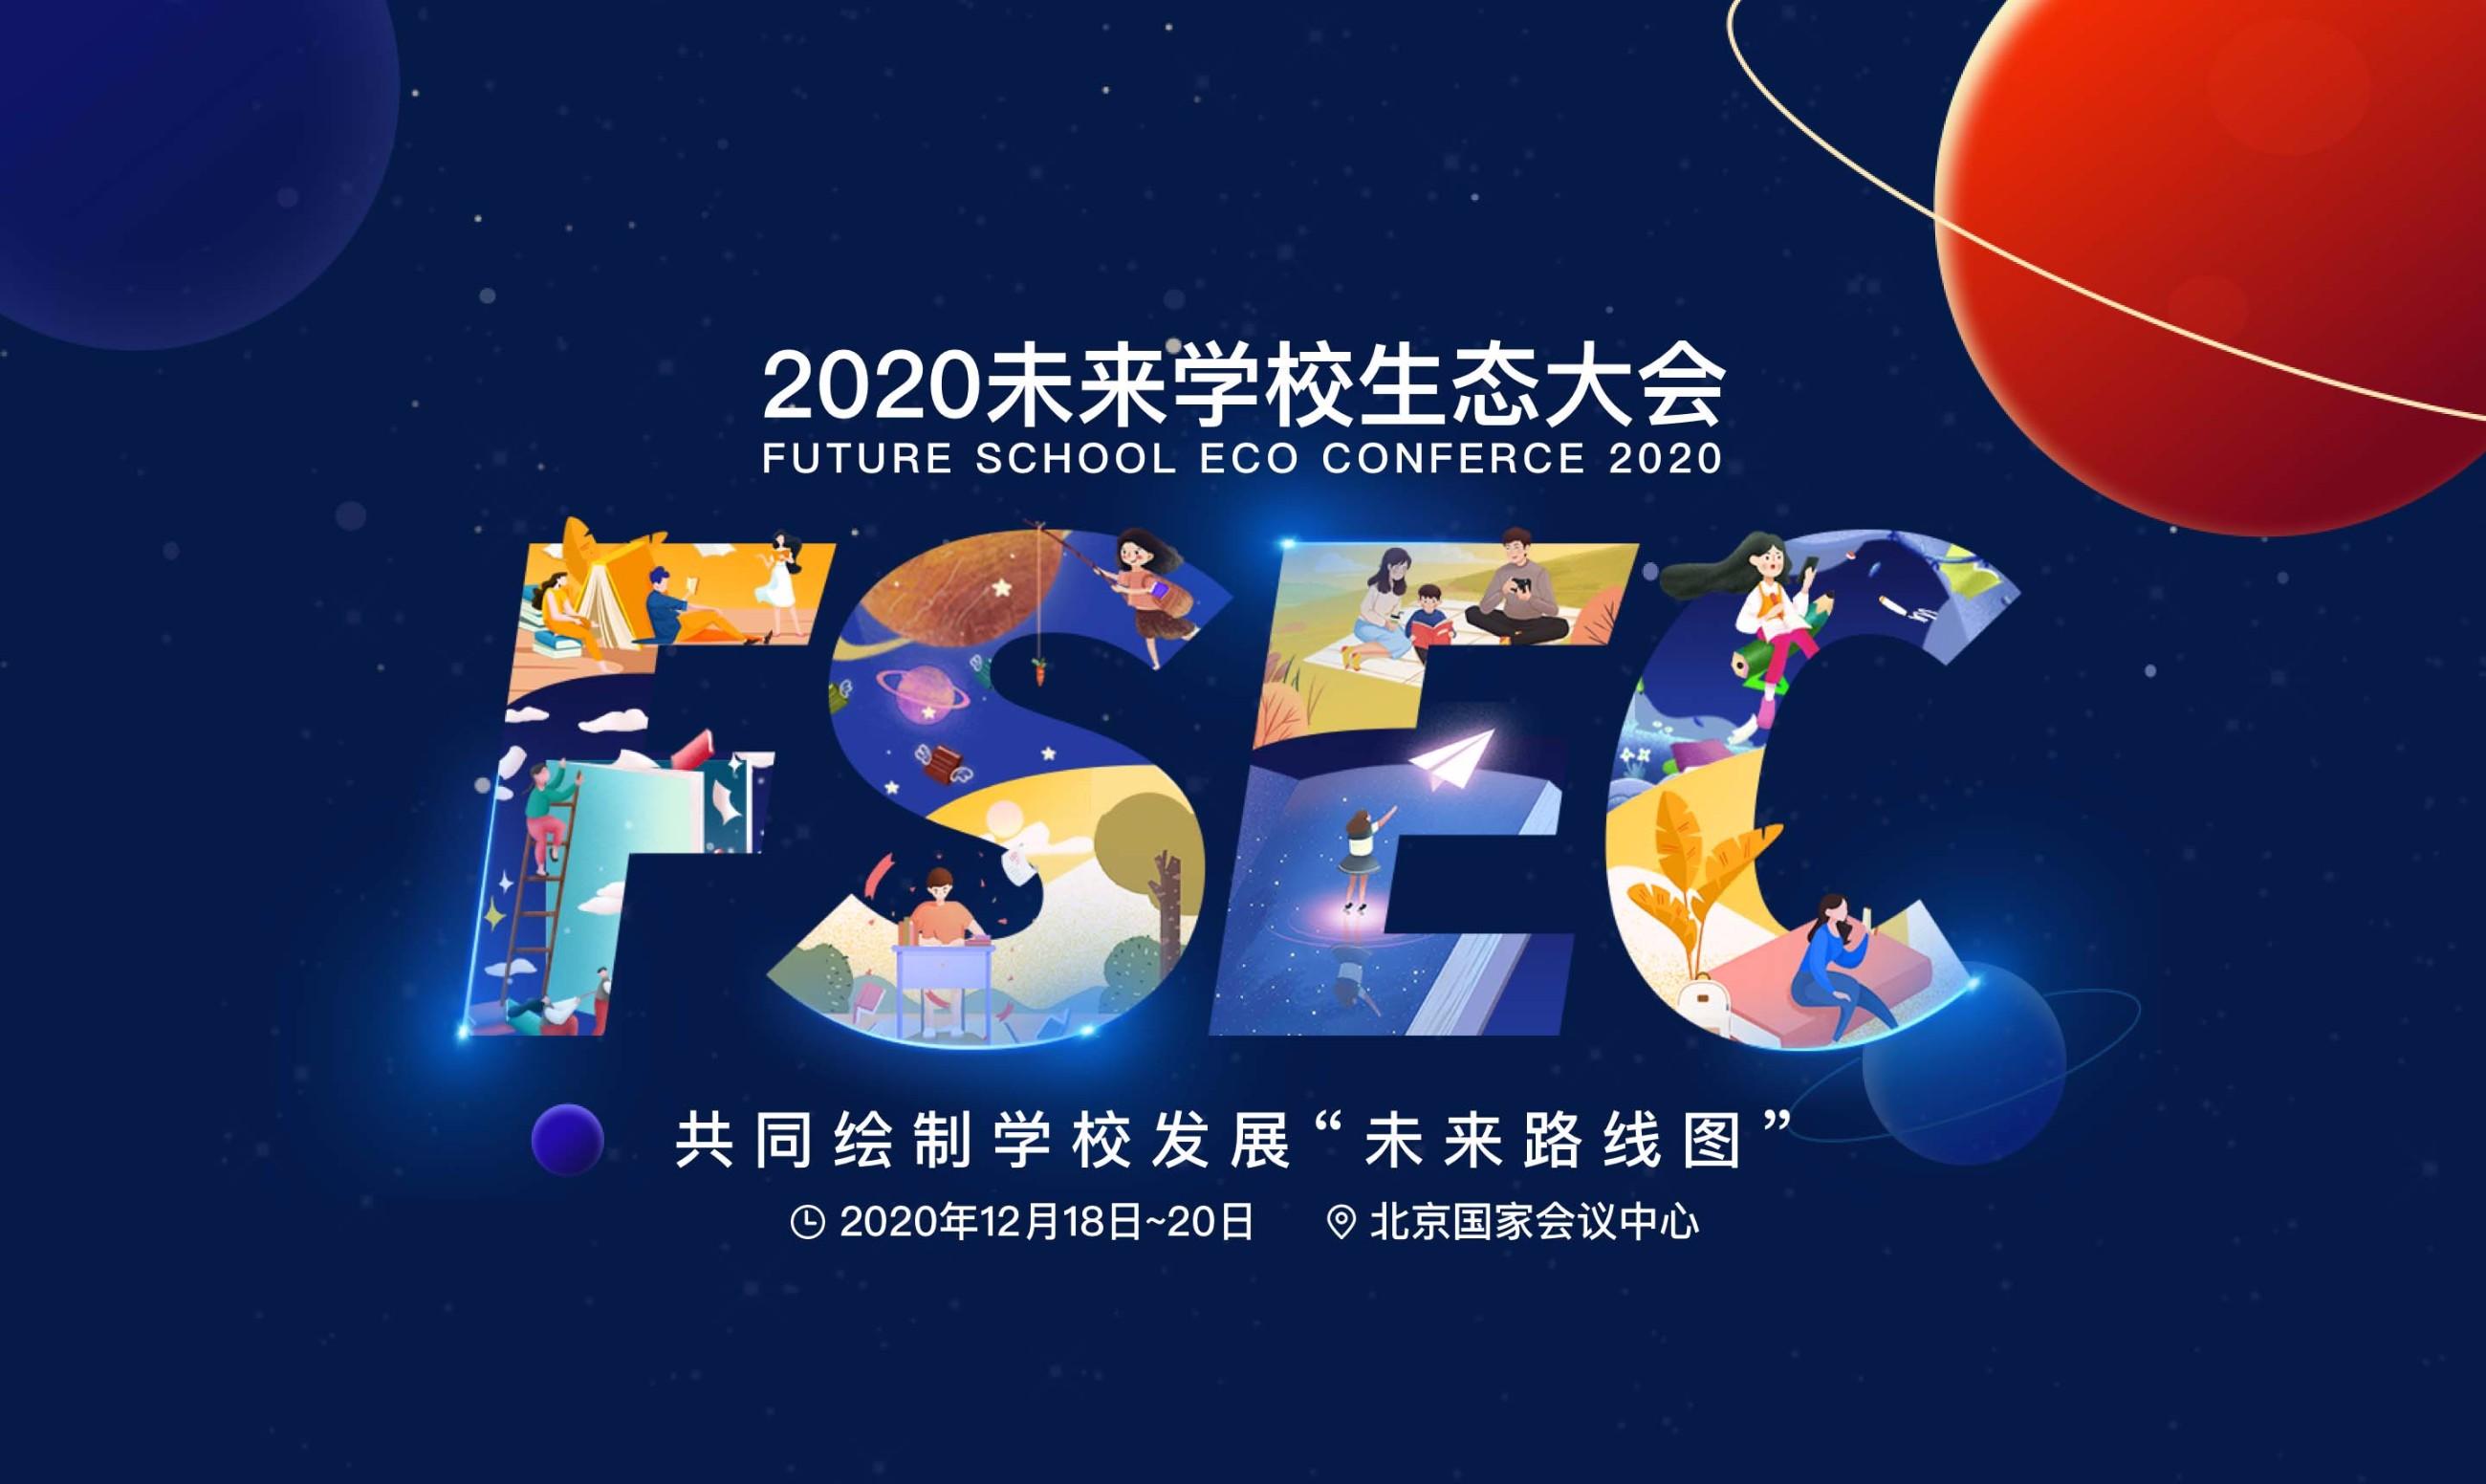 万人千校共建未来学校发展生态 2020未来学校生态大会来了